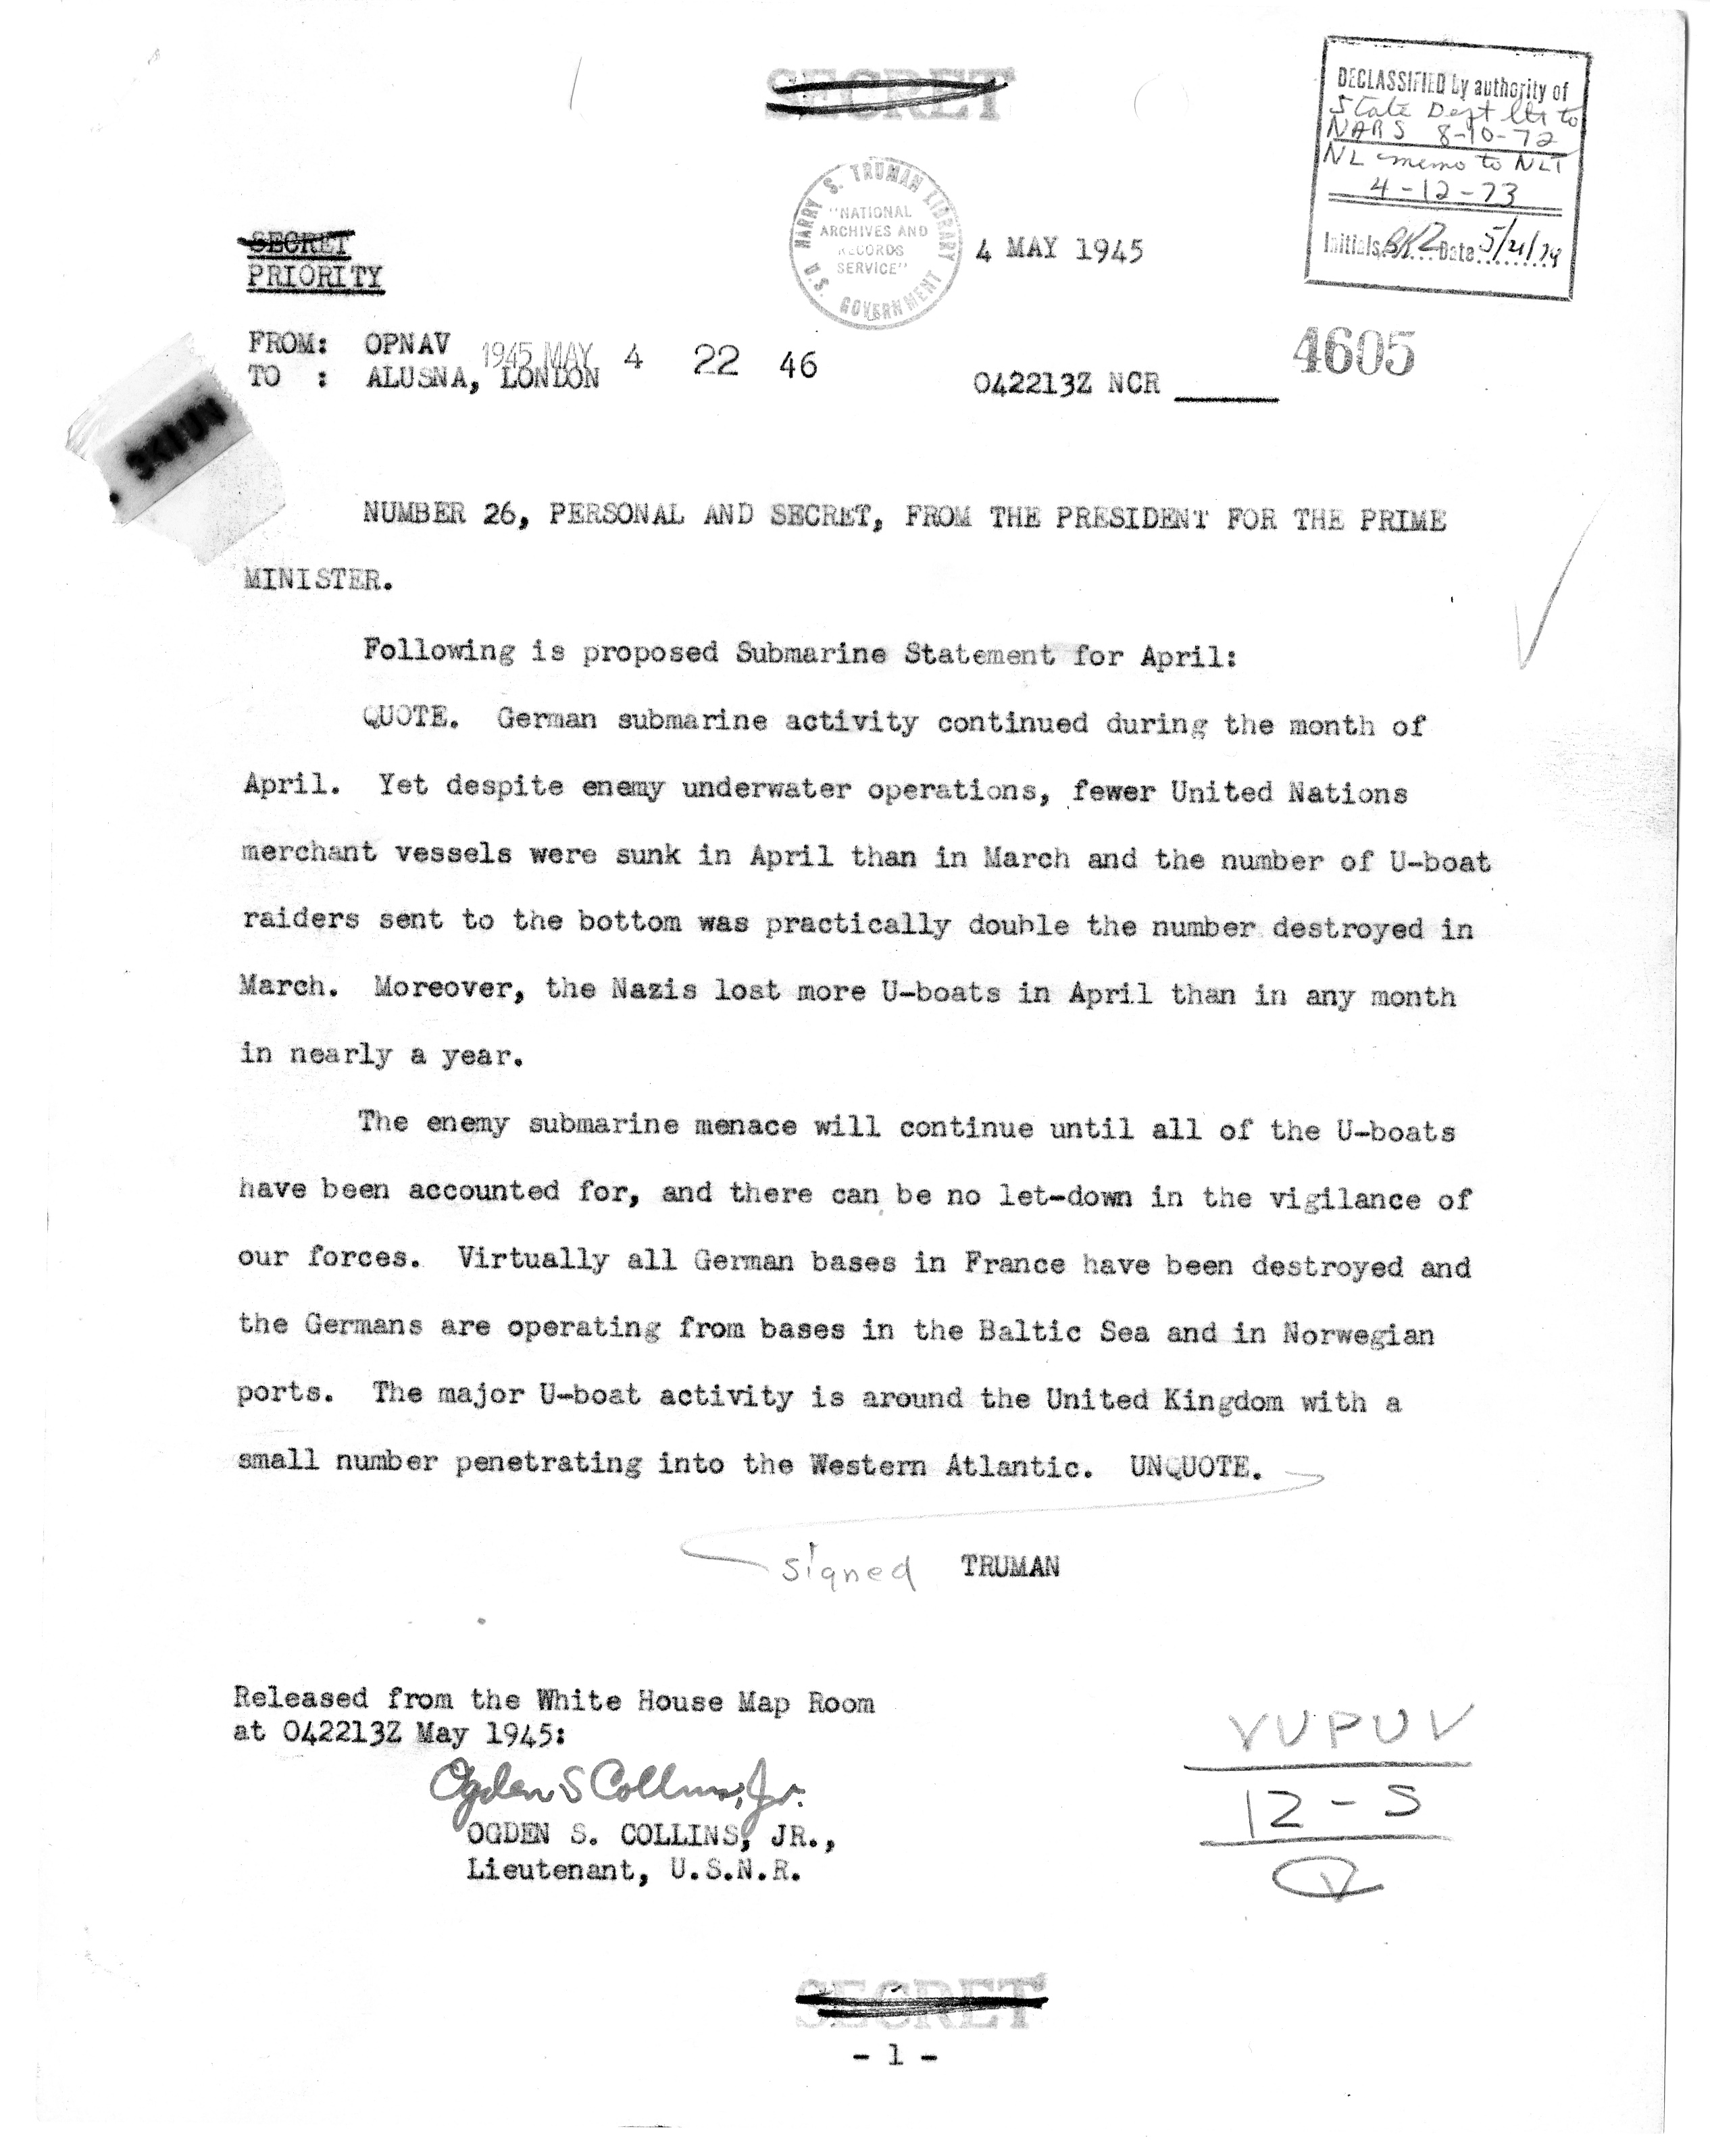 Telegram from President Harry S. Truman to Prime Minister Winston Churchill